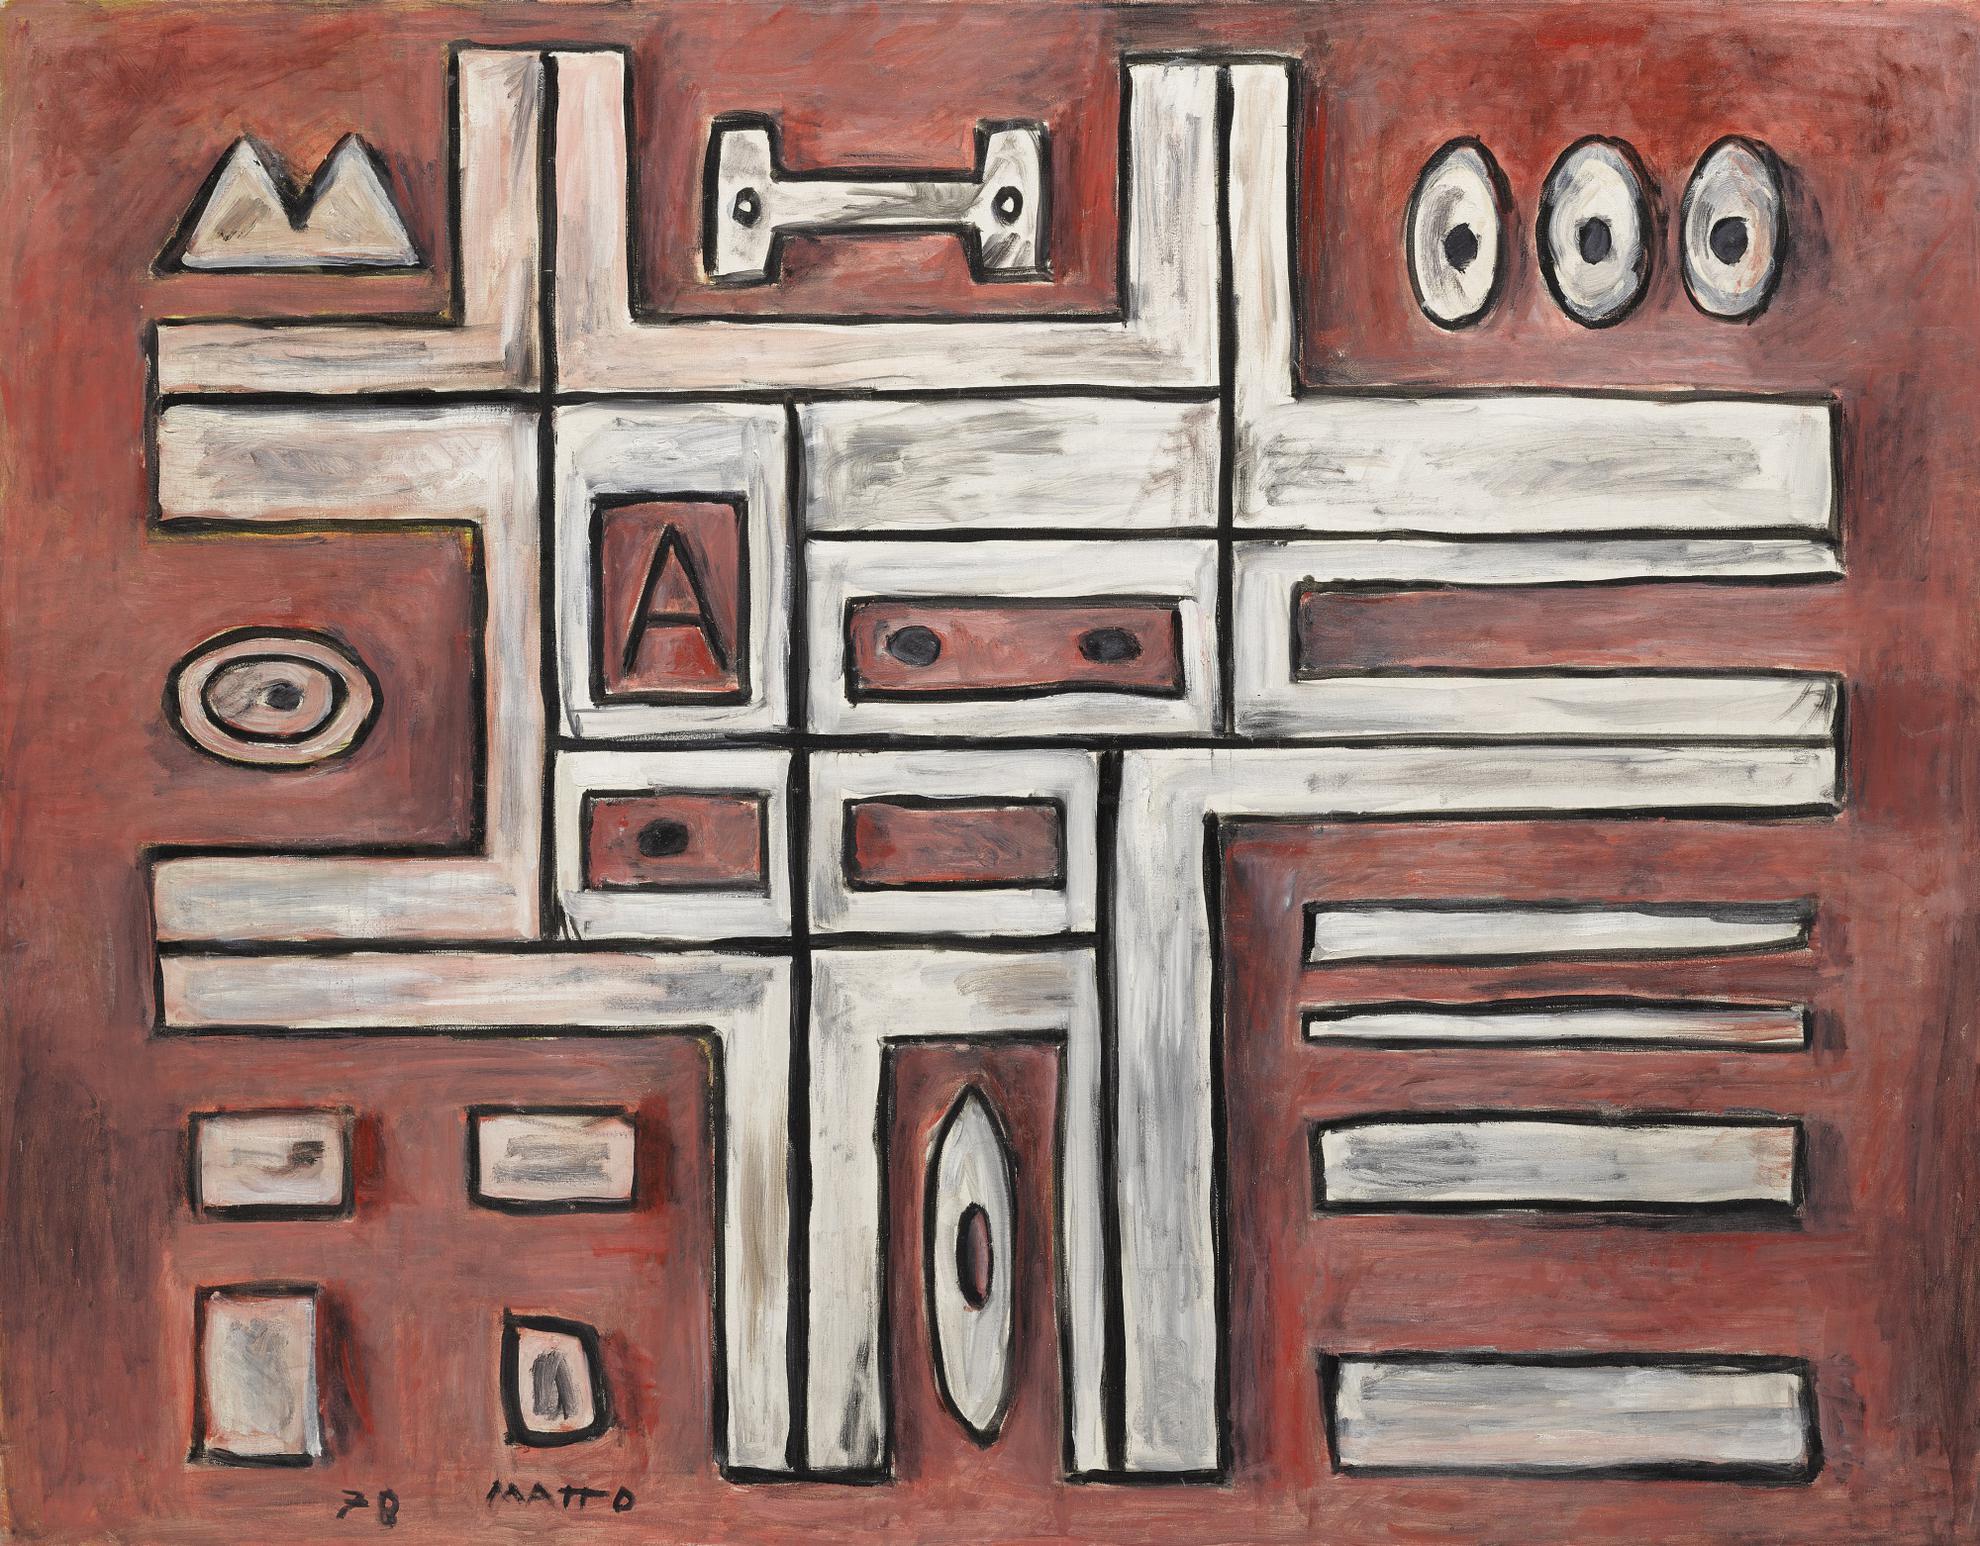 Francisco Matto - Constructivo, Geometrico-1978